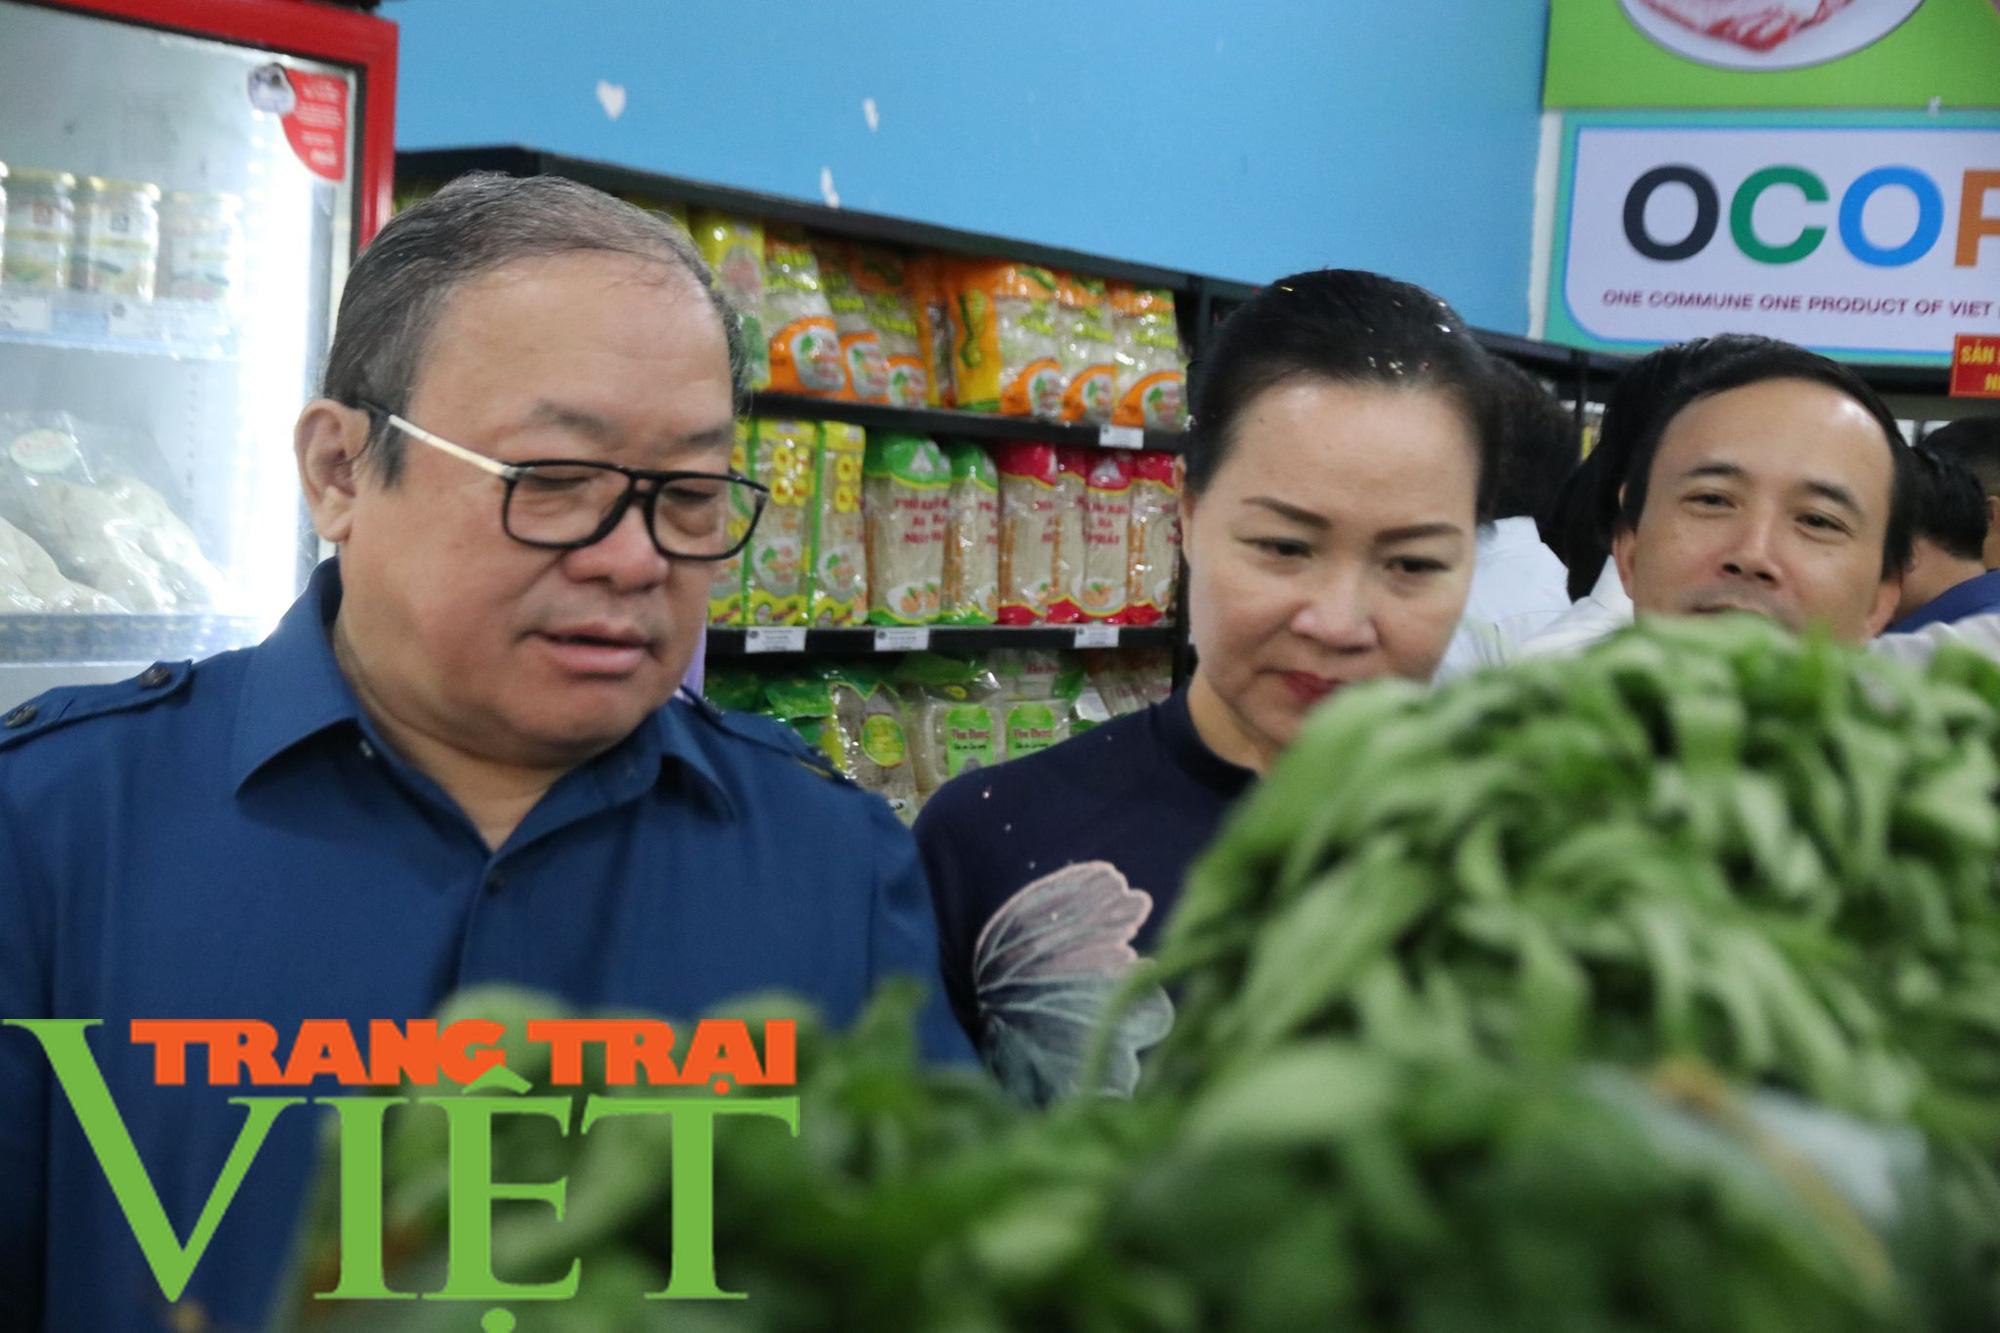 Gần 3,8 vạn nông dân tỉnh Hòa Bình đạt danh hiệu sản xuất, kinh doanh giỏi - Ảnh 1.